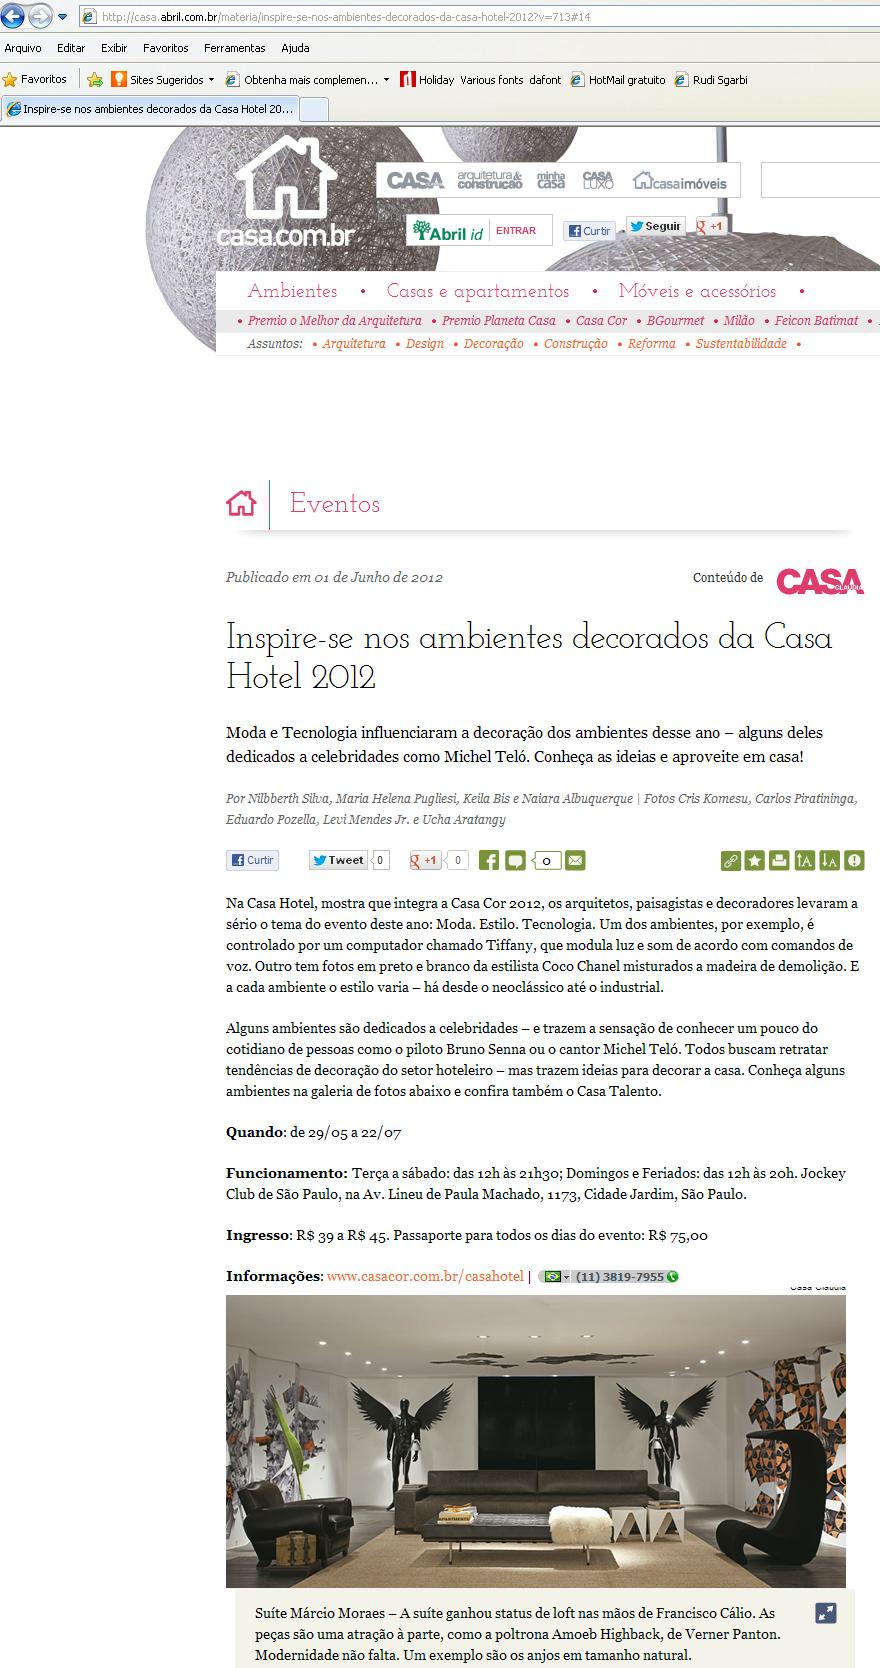 CCSP2012_Calio_CasaAbril